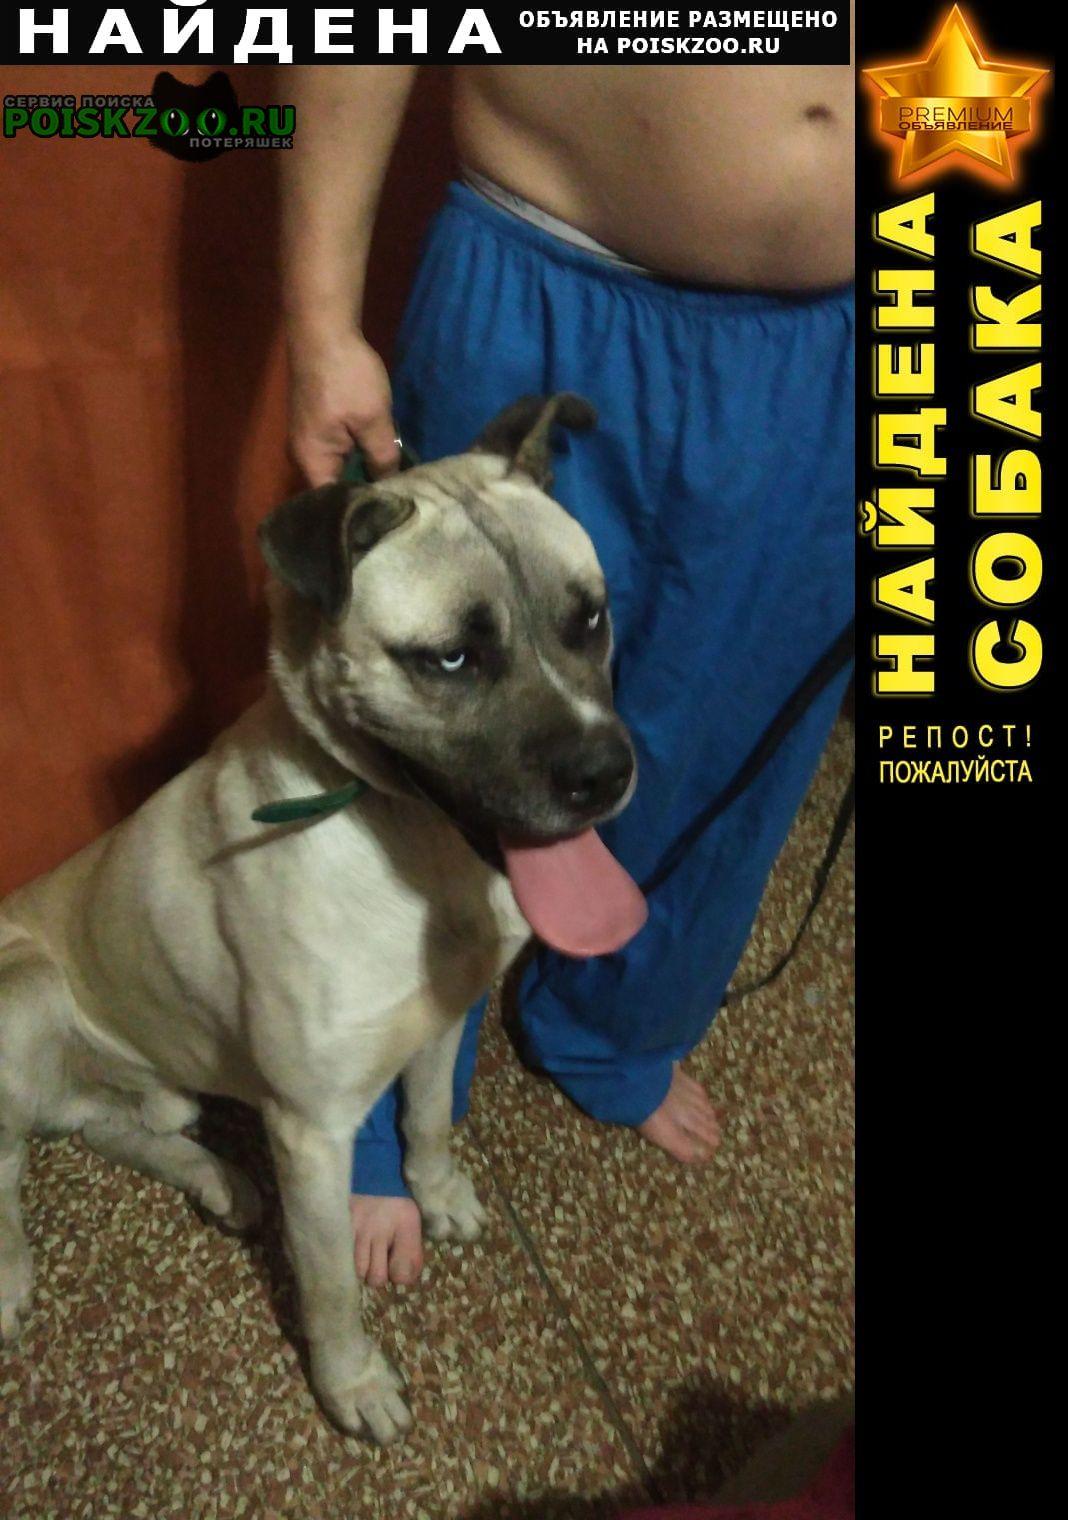 Найдена собака порода ка-де-бо Ростов-на-Дону